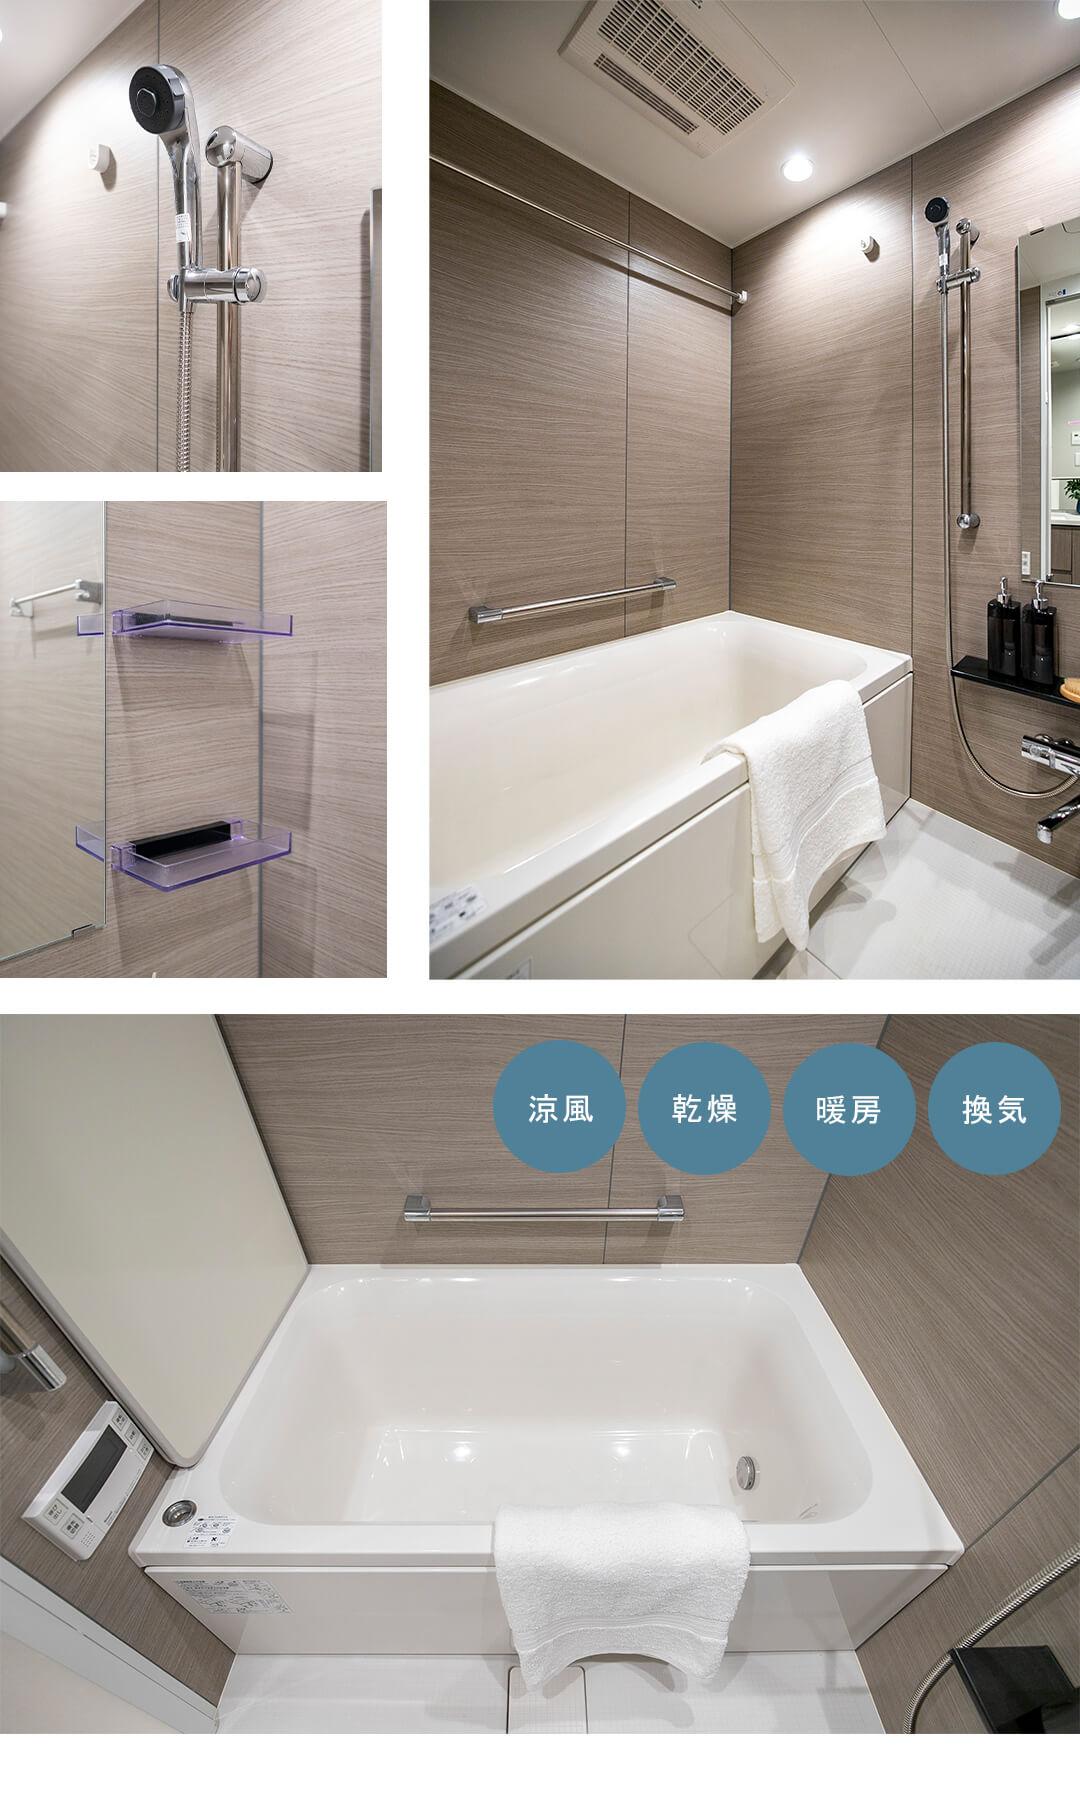 センチュリー荻窪の浴室